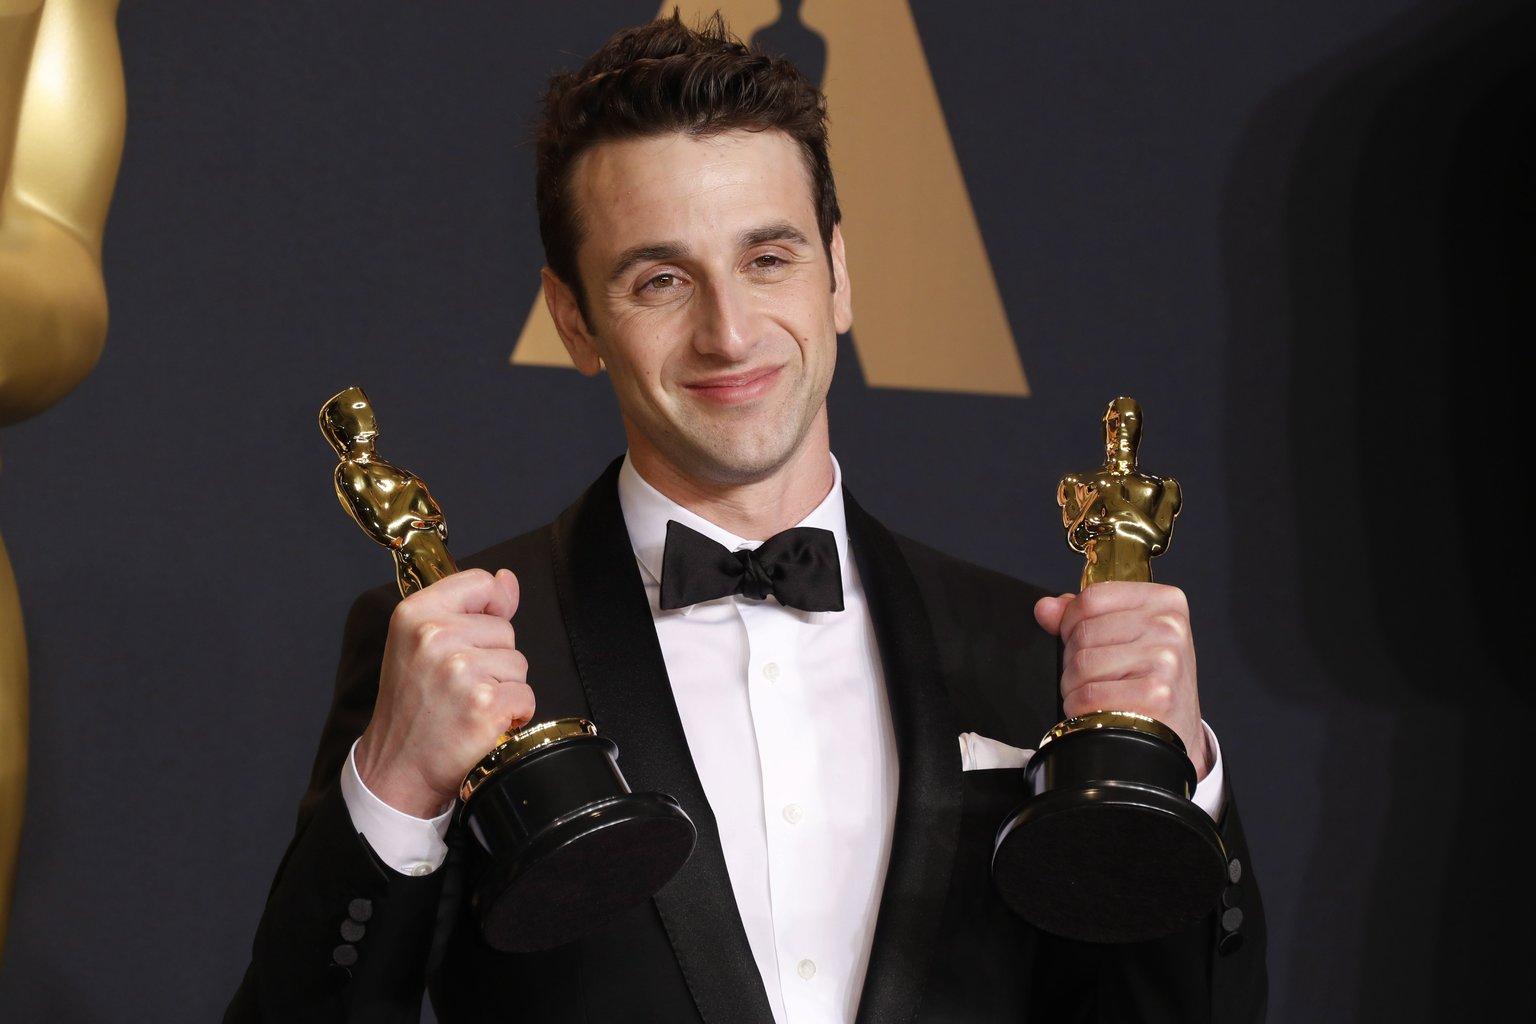 Justin Hurwitz amerikai zeneszerző a sajtószobában tartott fotózáson, miután átvette a legjobb filmzenéért és a legjobb betétdalért járó elismerést a Kaliforniai álom (La La Land) című musicalért a 89. Oscar-gálán a Los Angeles-i Dolby Színházban 2017. február 26-án. (MTI/EPA/Paul Buck)